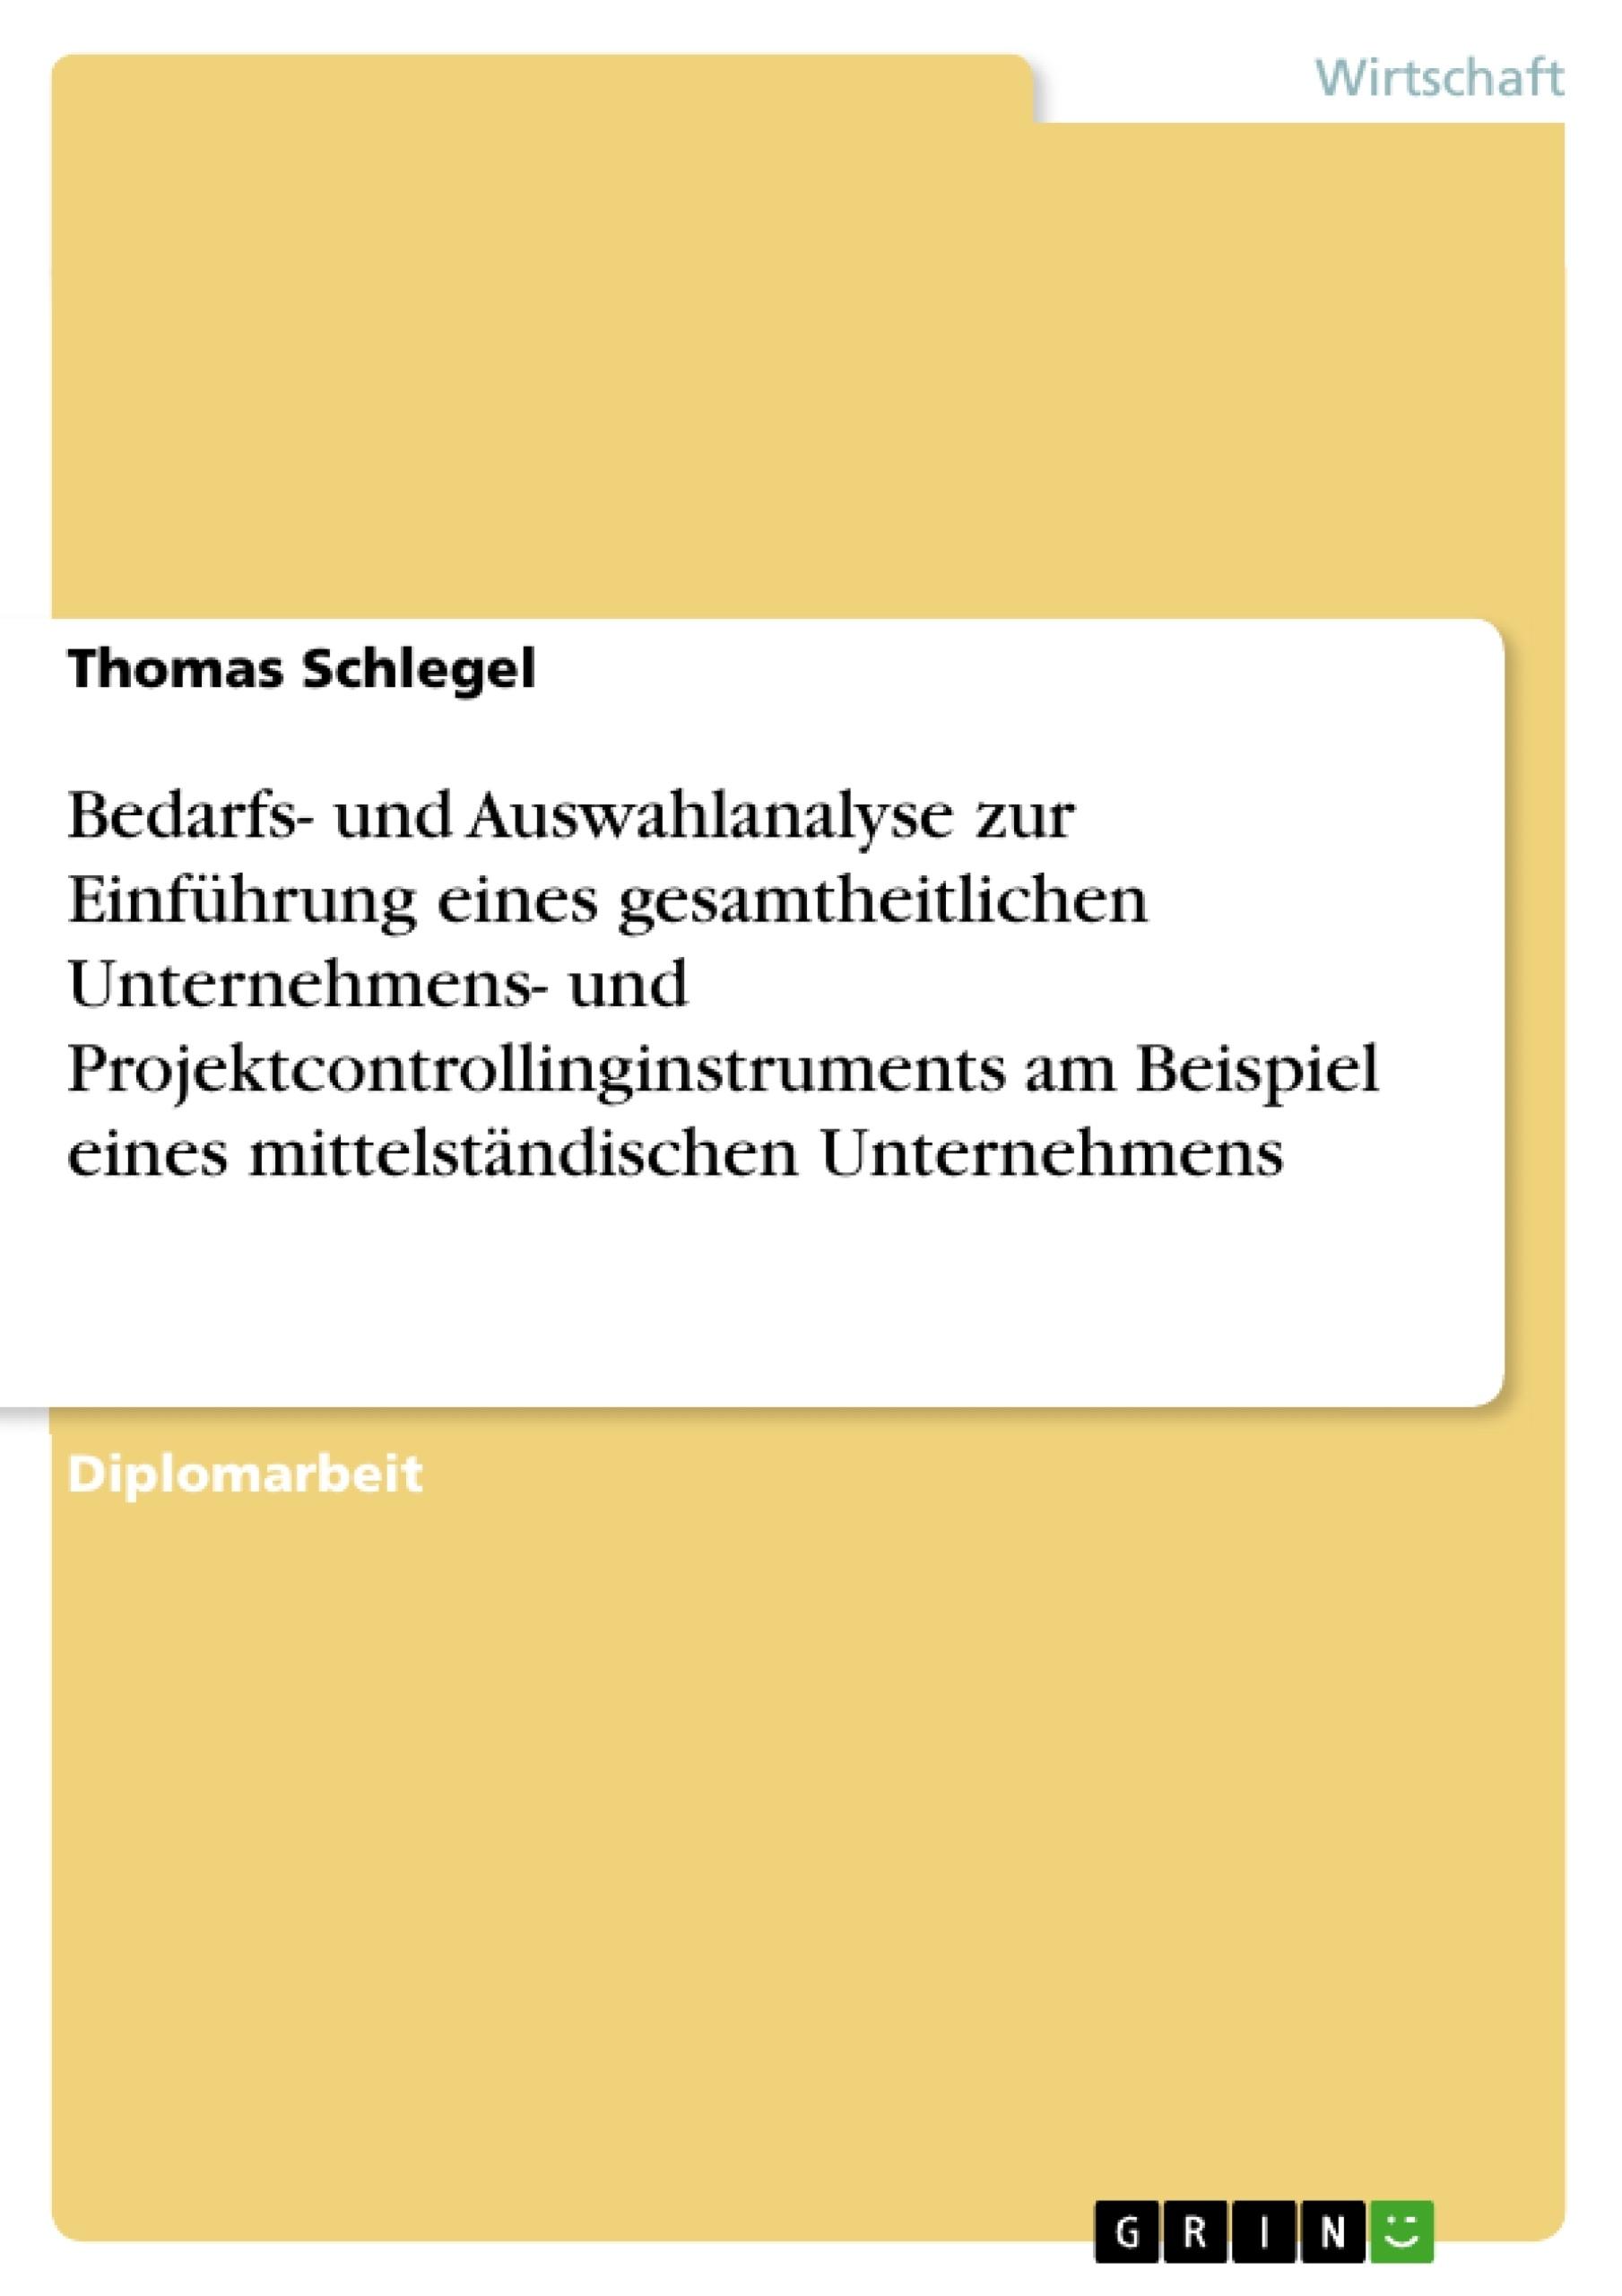 Titel: Bedarfs- und Auswahlanalyse zur Einführung eines gesamtheitlichen Unternehmens- und Projektcontrollinginstruments am Beispiel eines mittelständischen Unternehmens